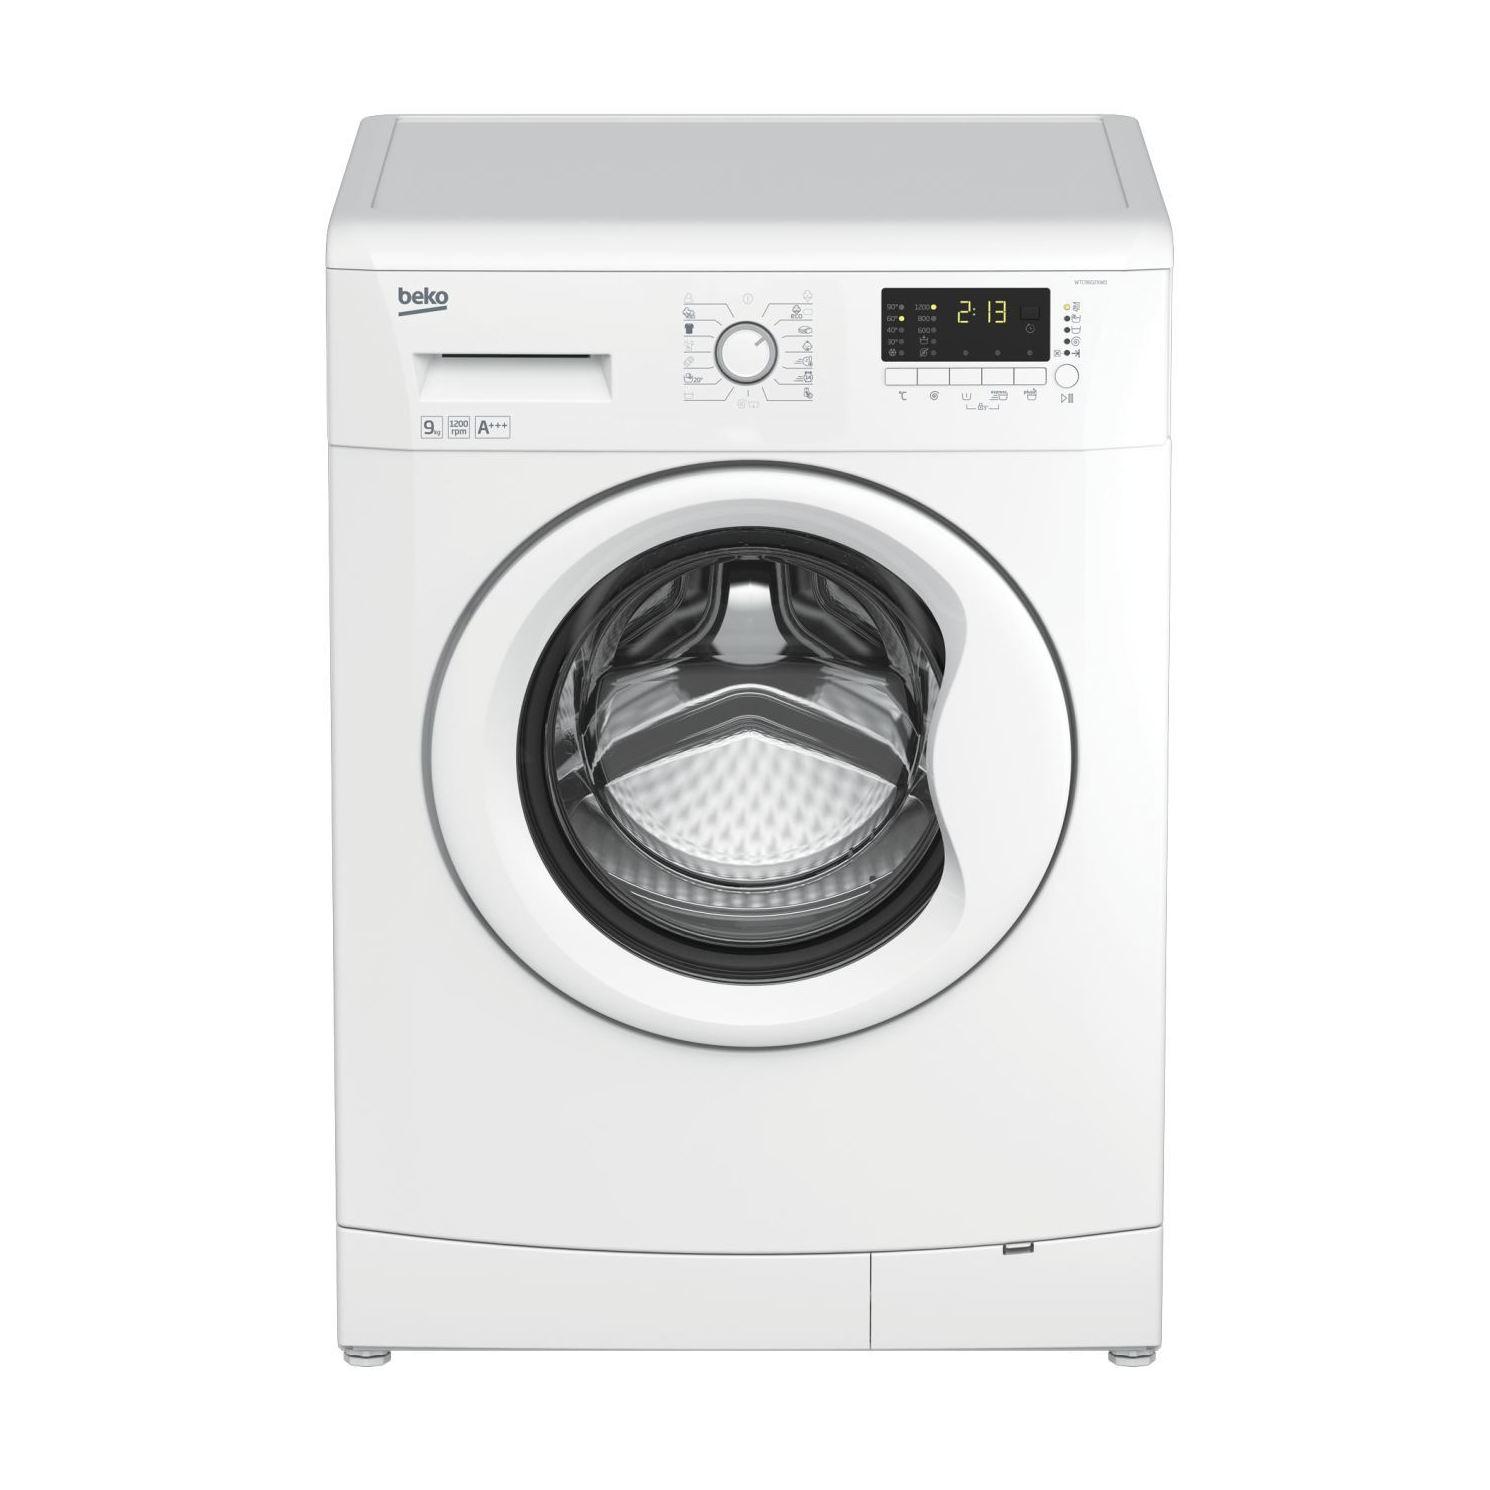 Lavadora Beko WTC9602XW0 9Kg 1200rpm clase A+++ ---339€: Productos y Ofertas de Don Electrodomésticos Tienda online